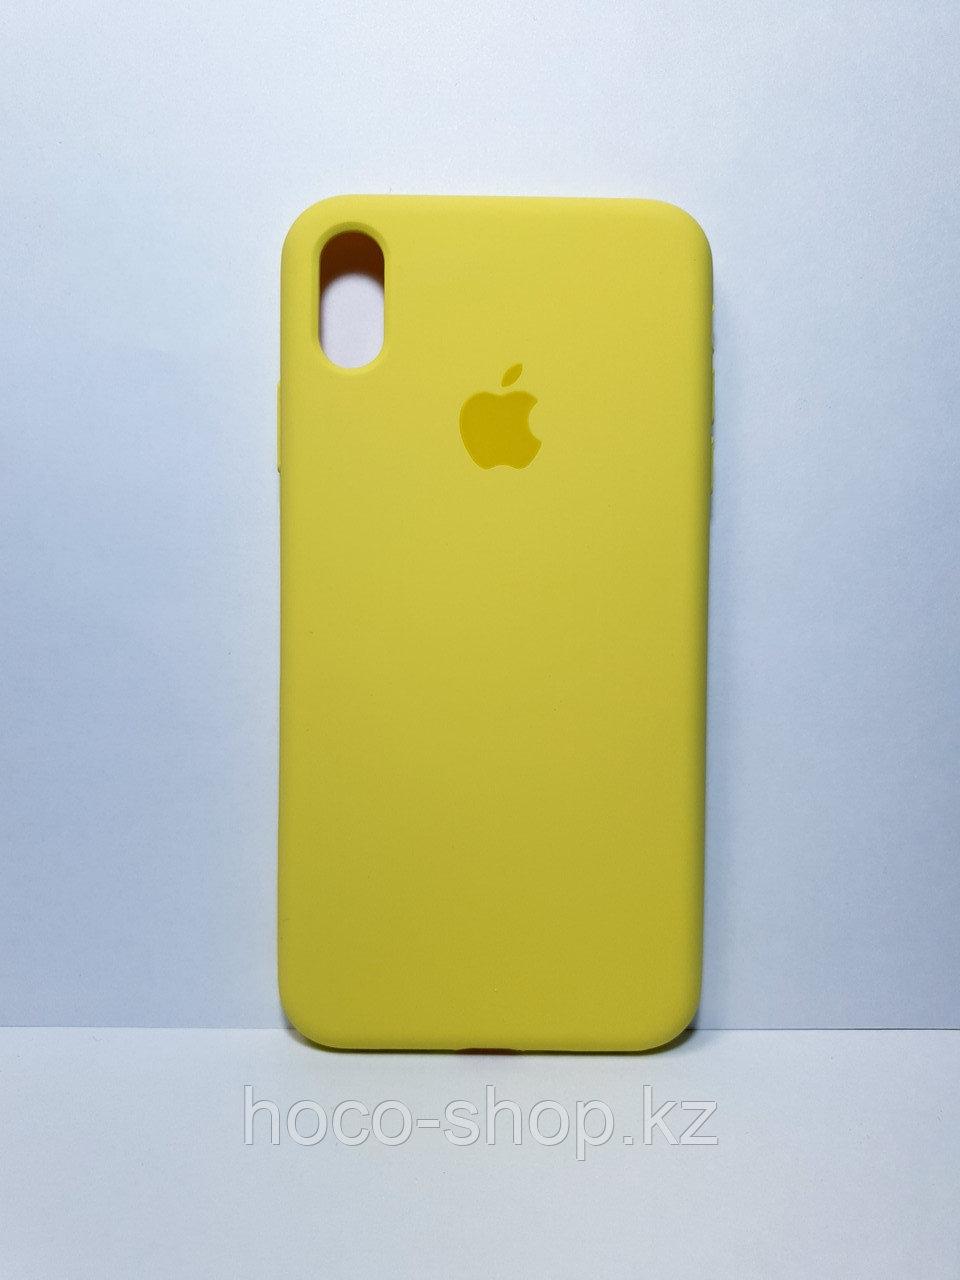 Защитный чехол для iPhone X/Xs Soft Touch силиконовый, желтый